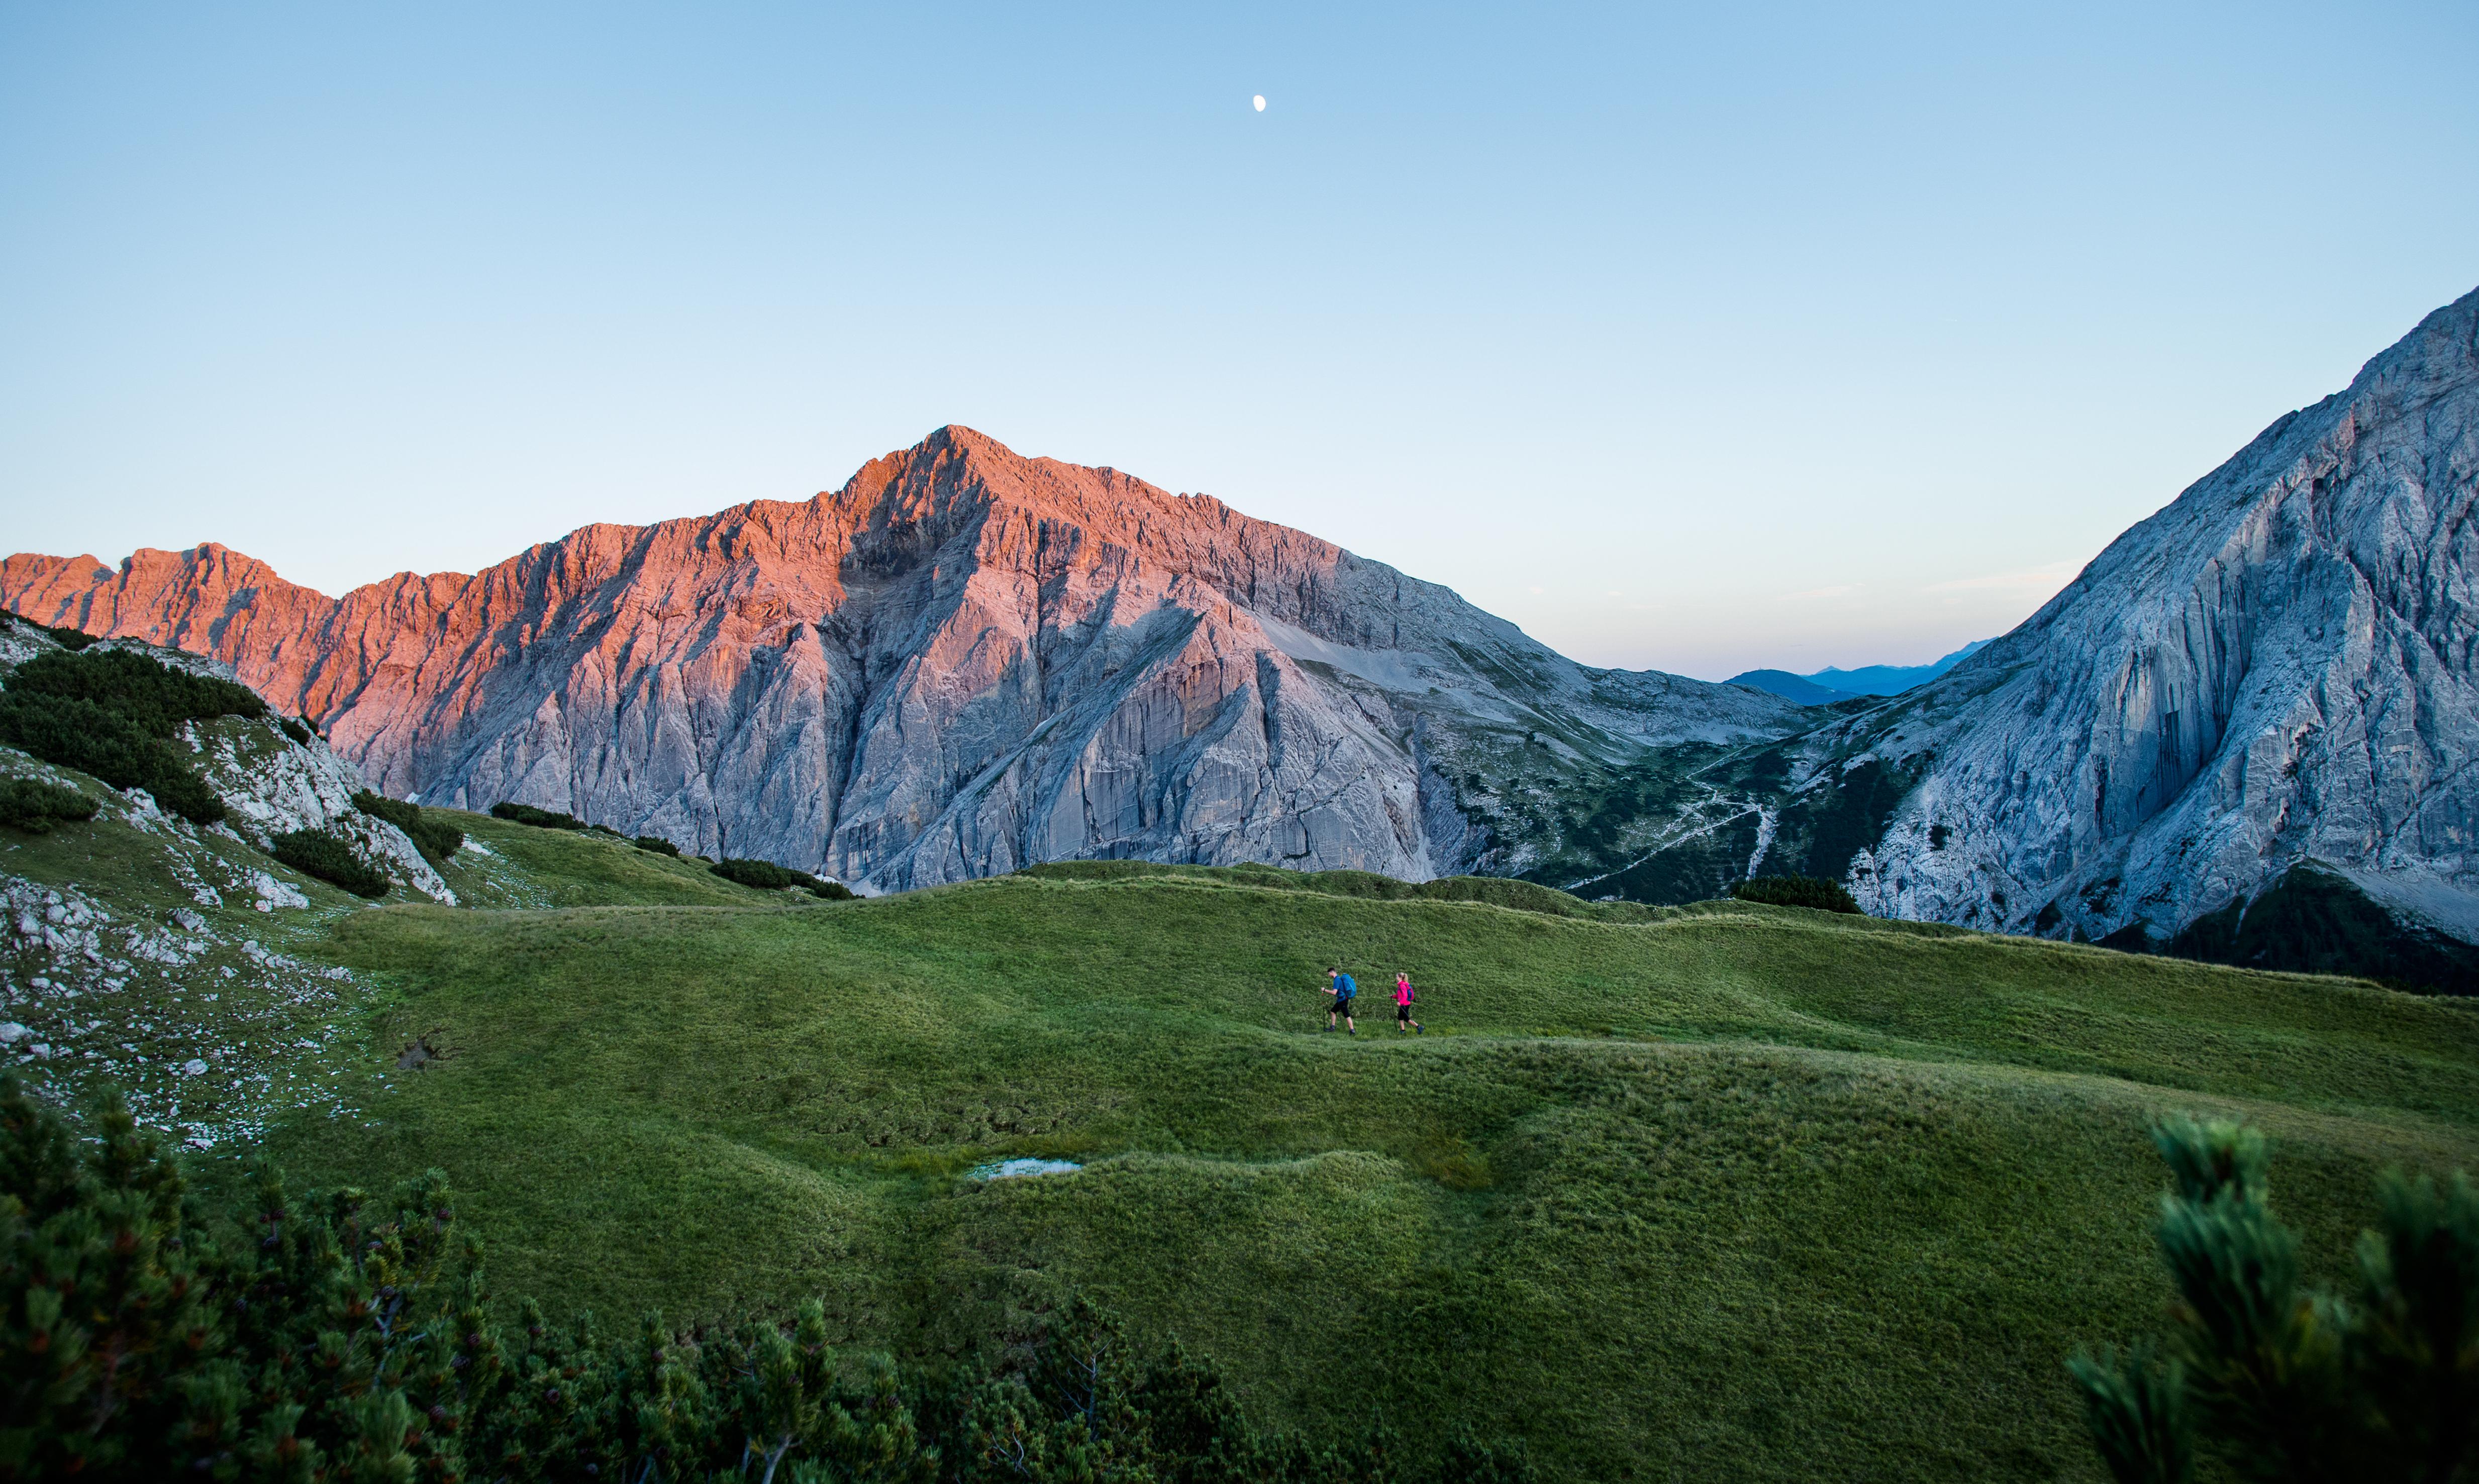 Wanderung im Karwendel Naturpark